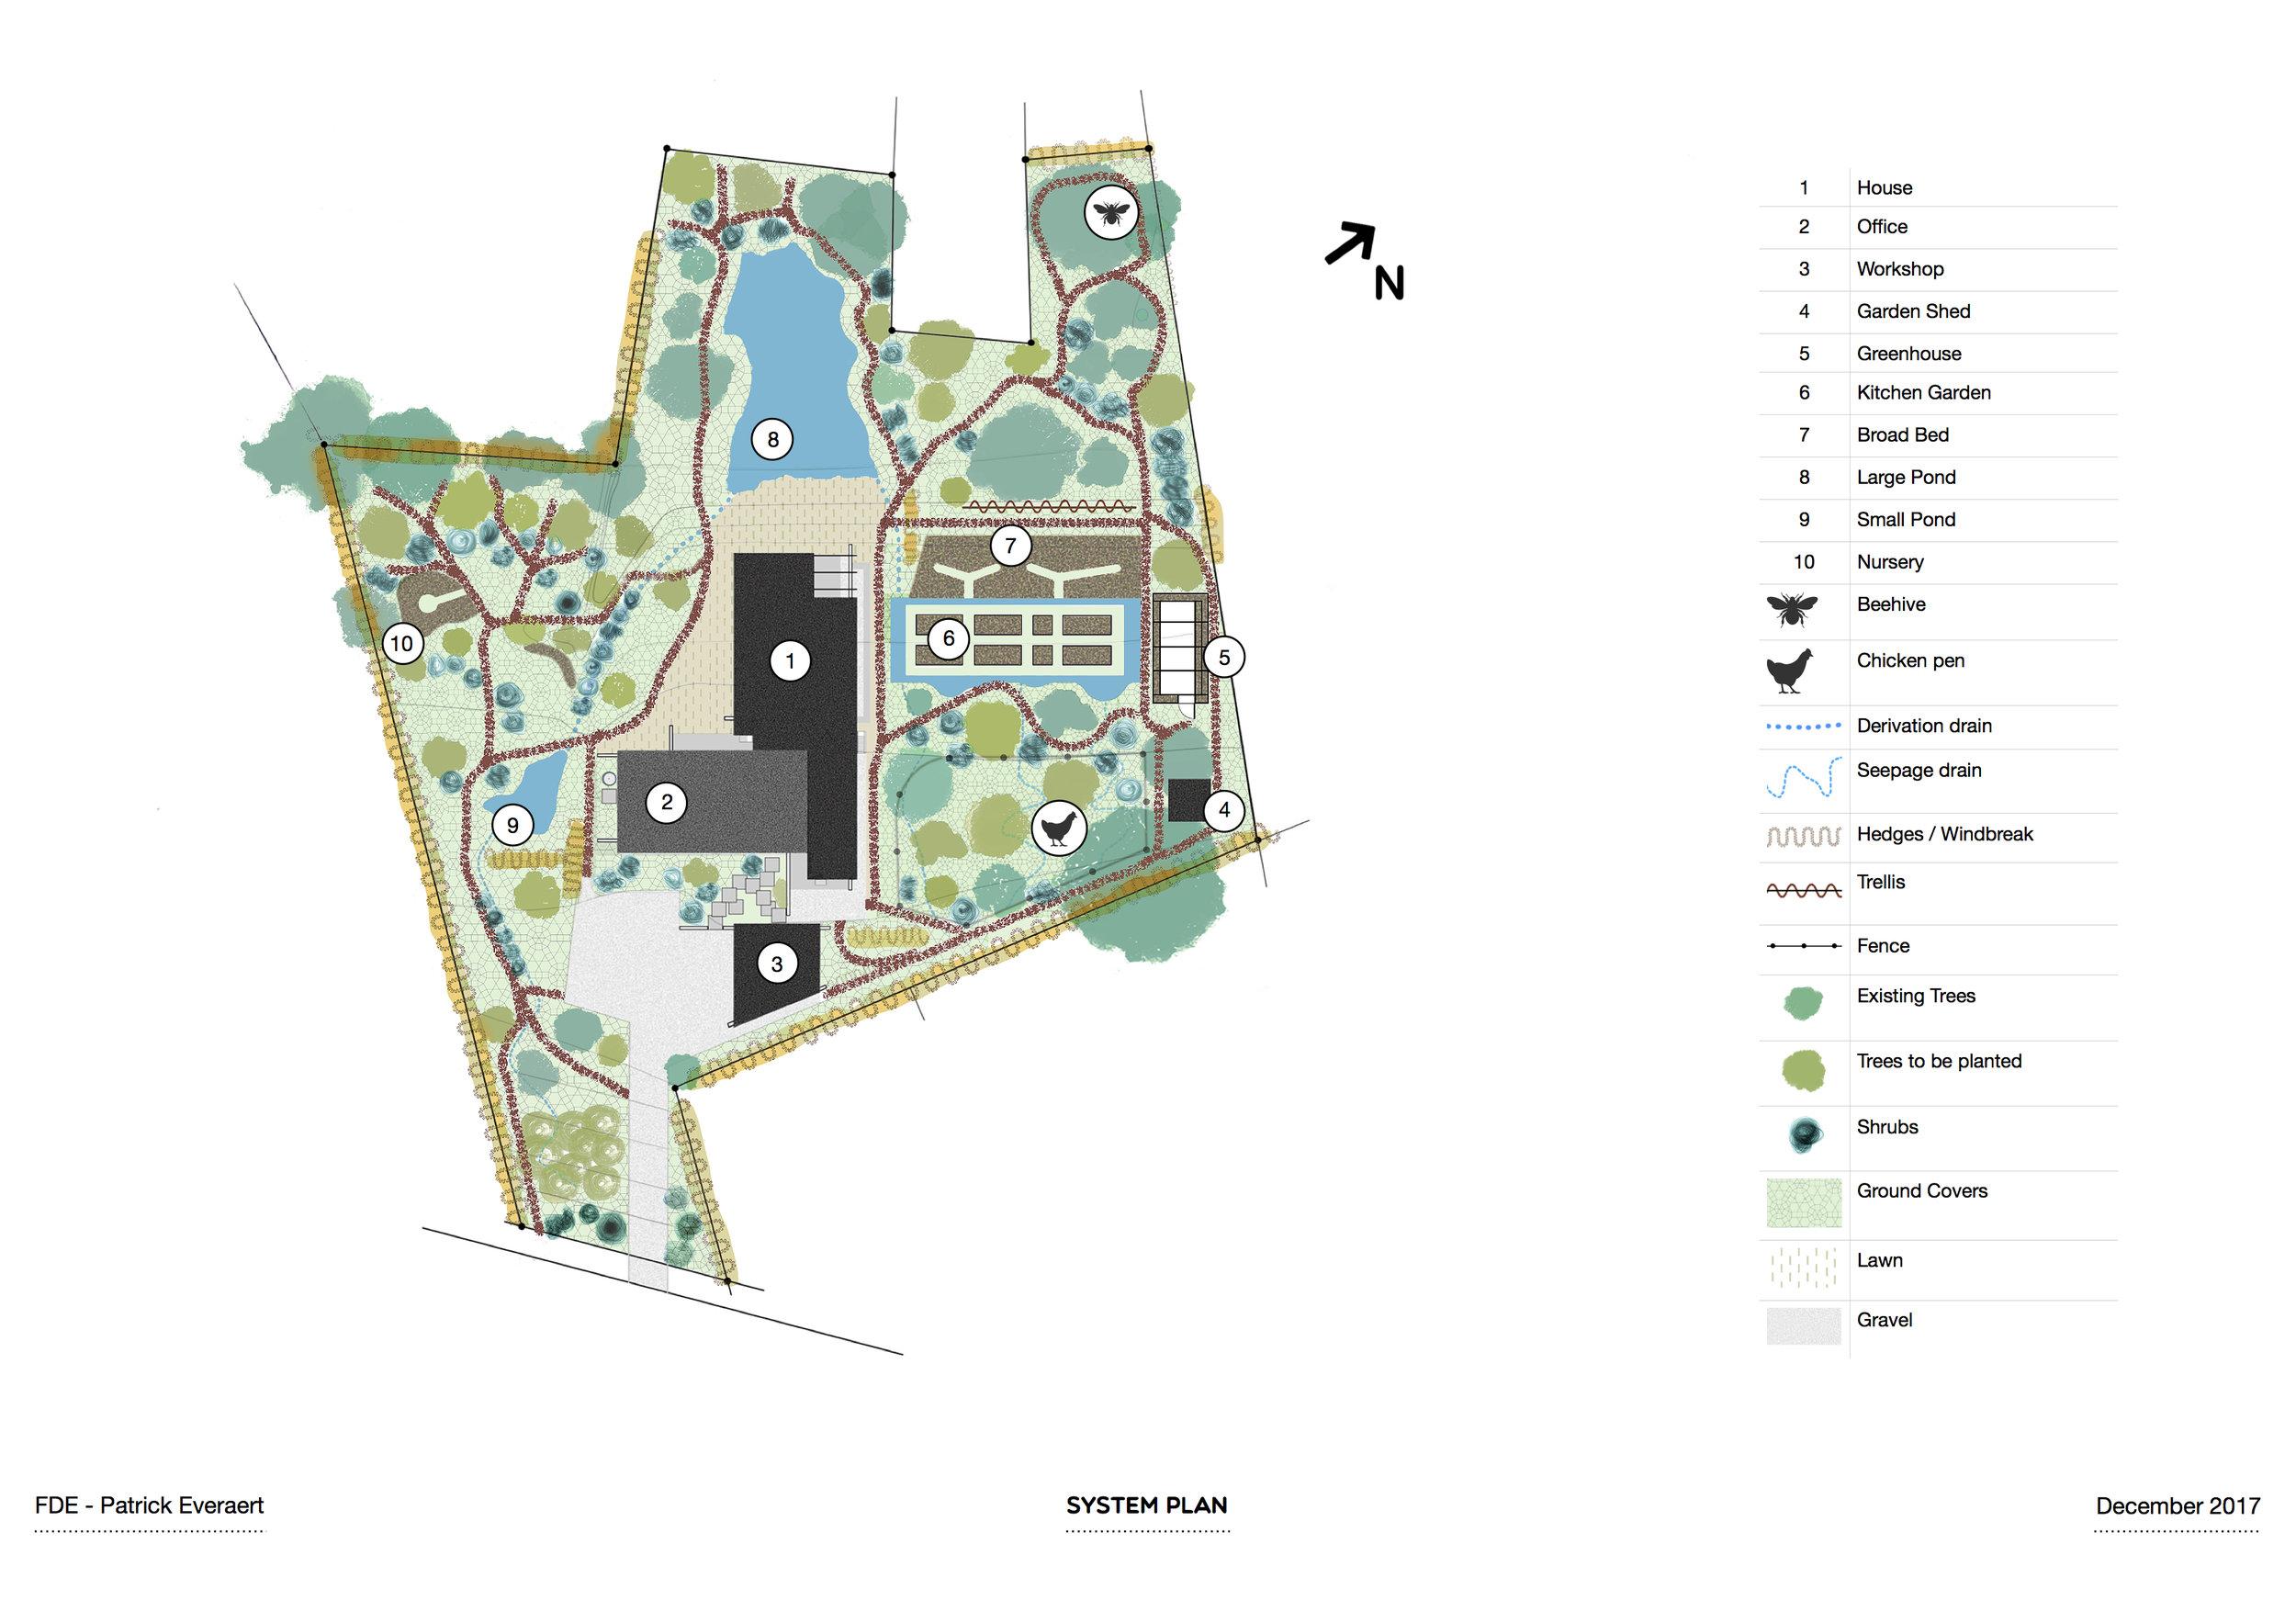 Plan pour un système permaculturel de 3200m2 dans un jardin privé.